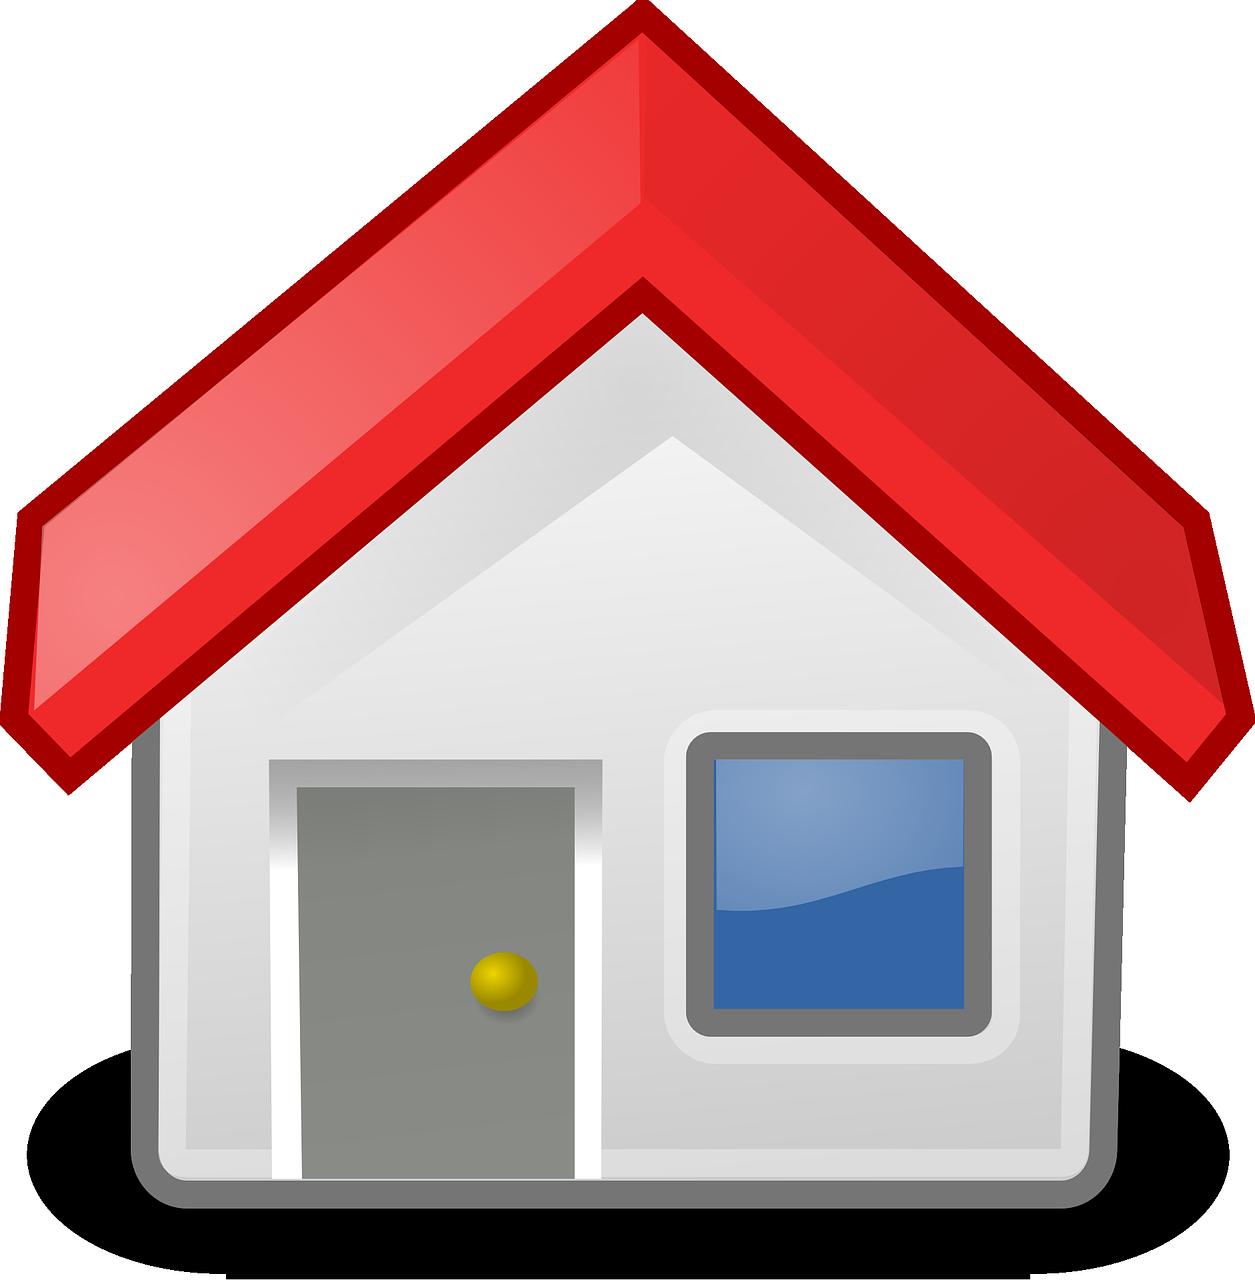 E.V.A. Auxílio para o lar